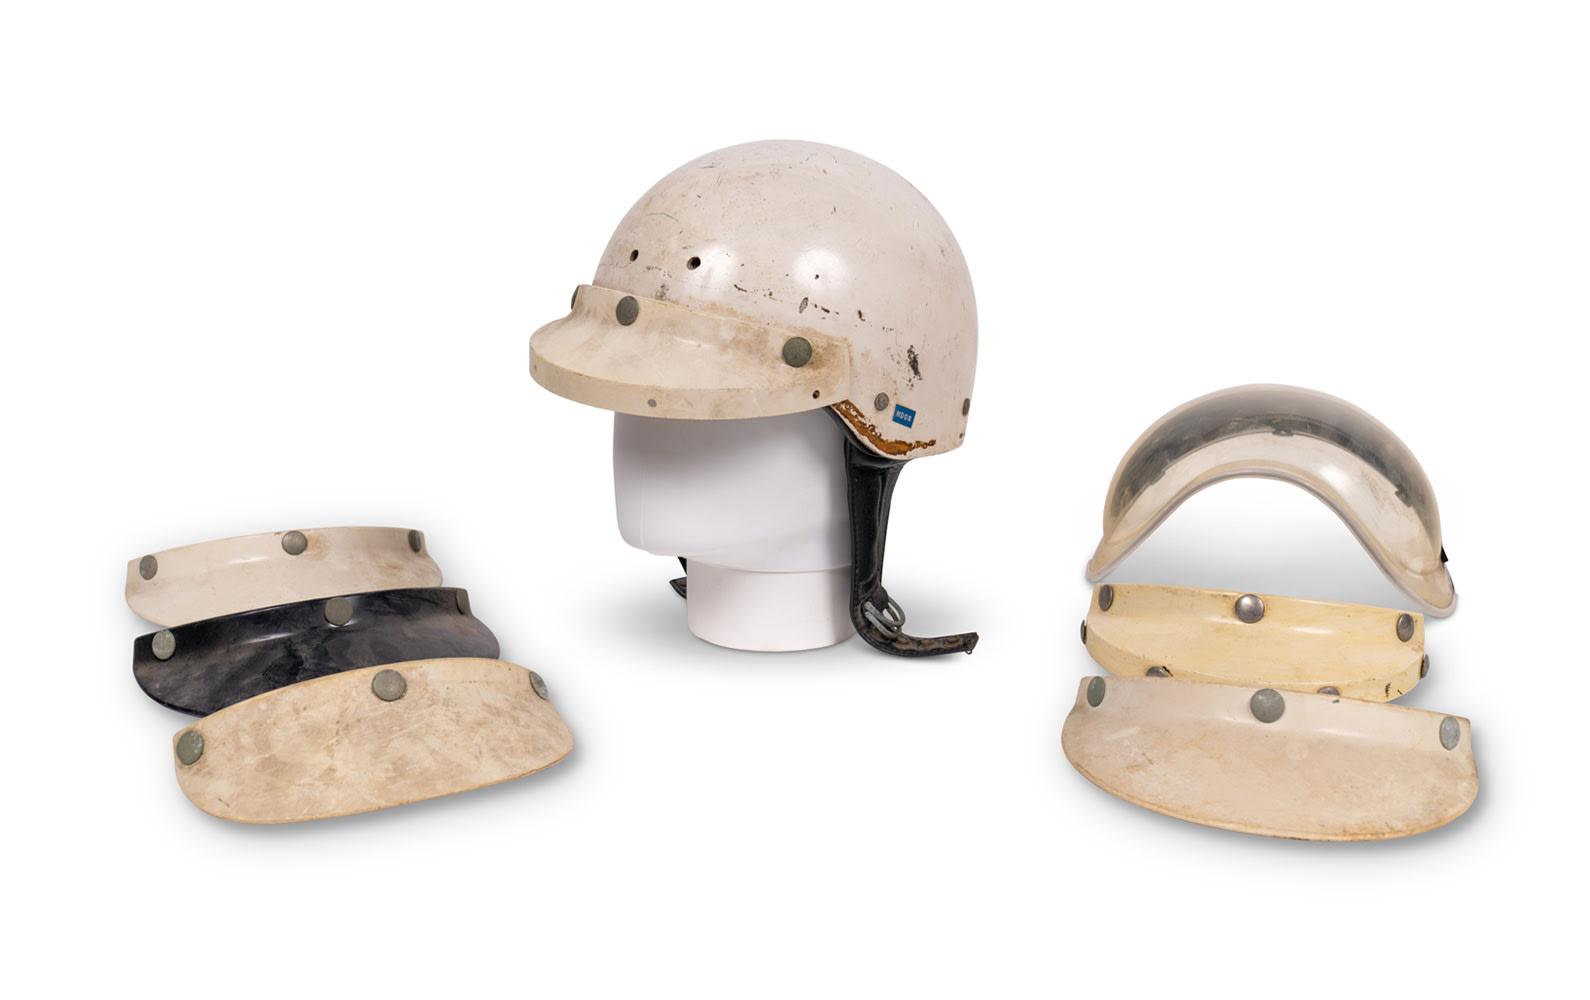 Racing Helmet Worn by Phil Hill, c. 1963–1967